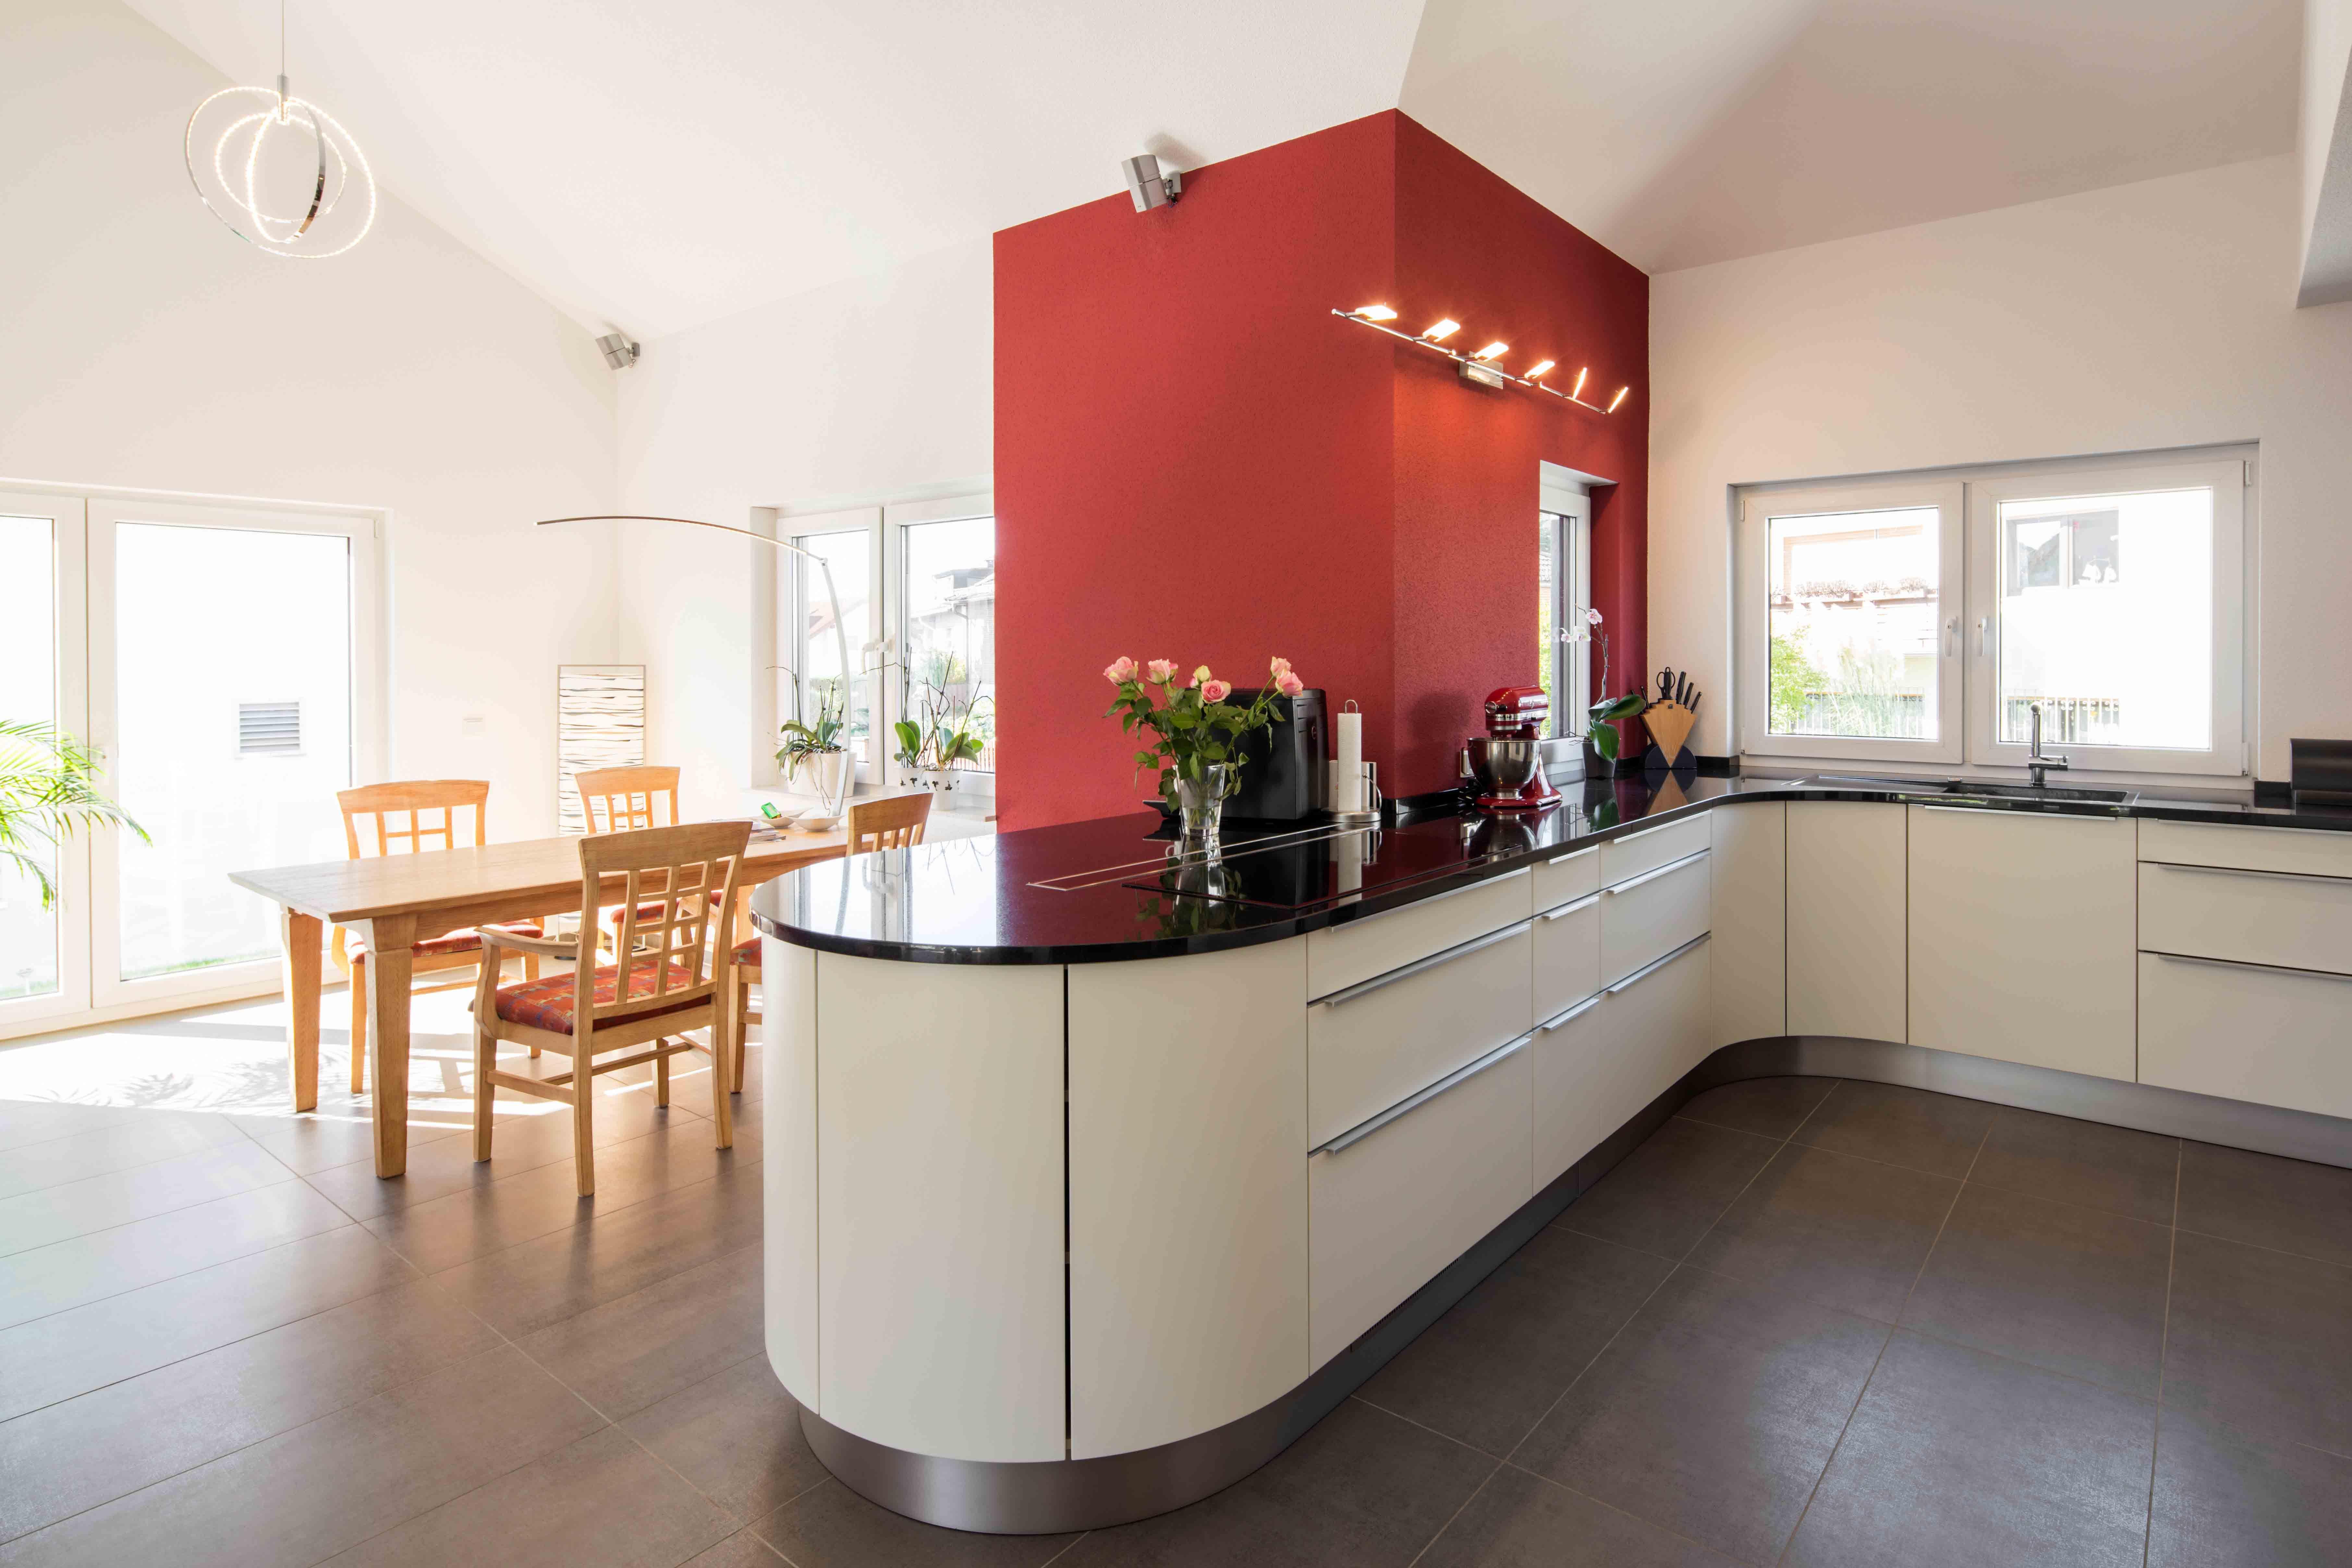 Wohnidee Küche fertighaus wohnidee küche und esszimmer wohnideen küche und